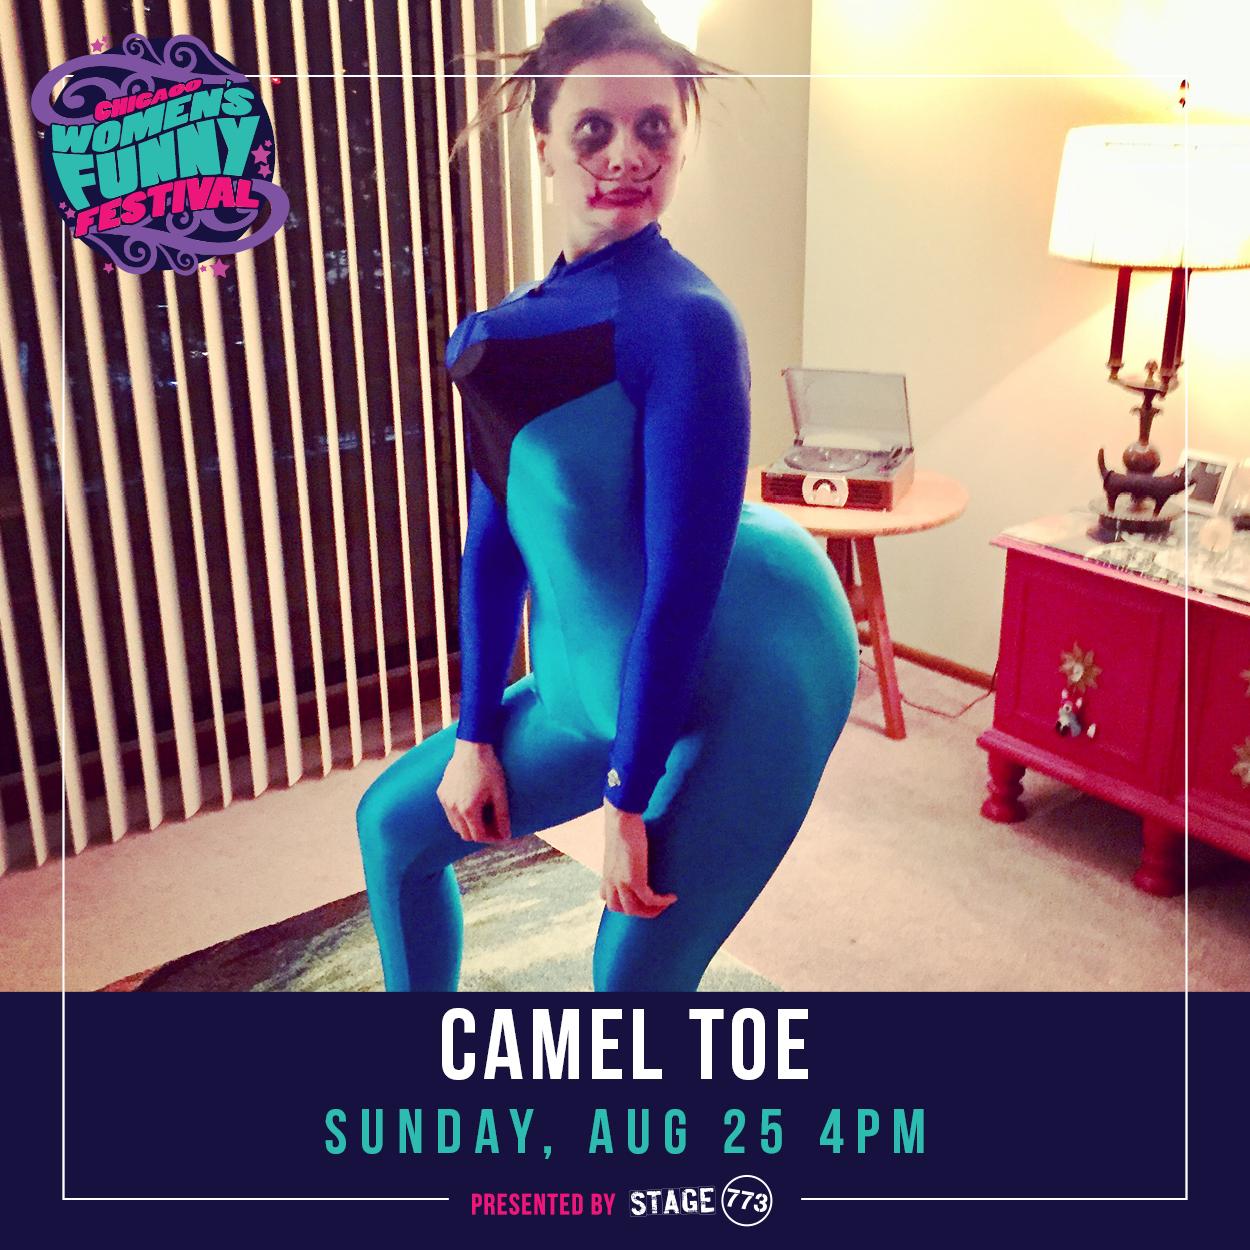 CamelToe_Sunday_4PM_CWFF20194.jpg